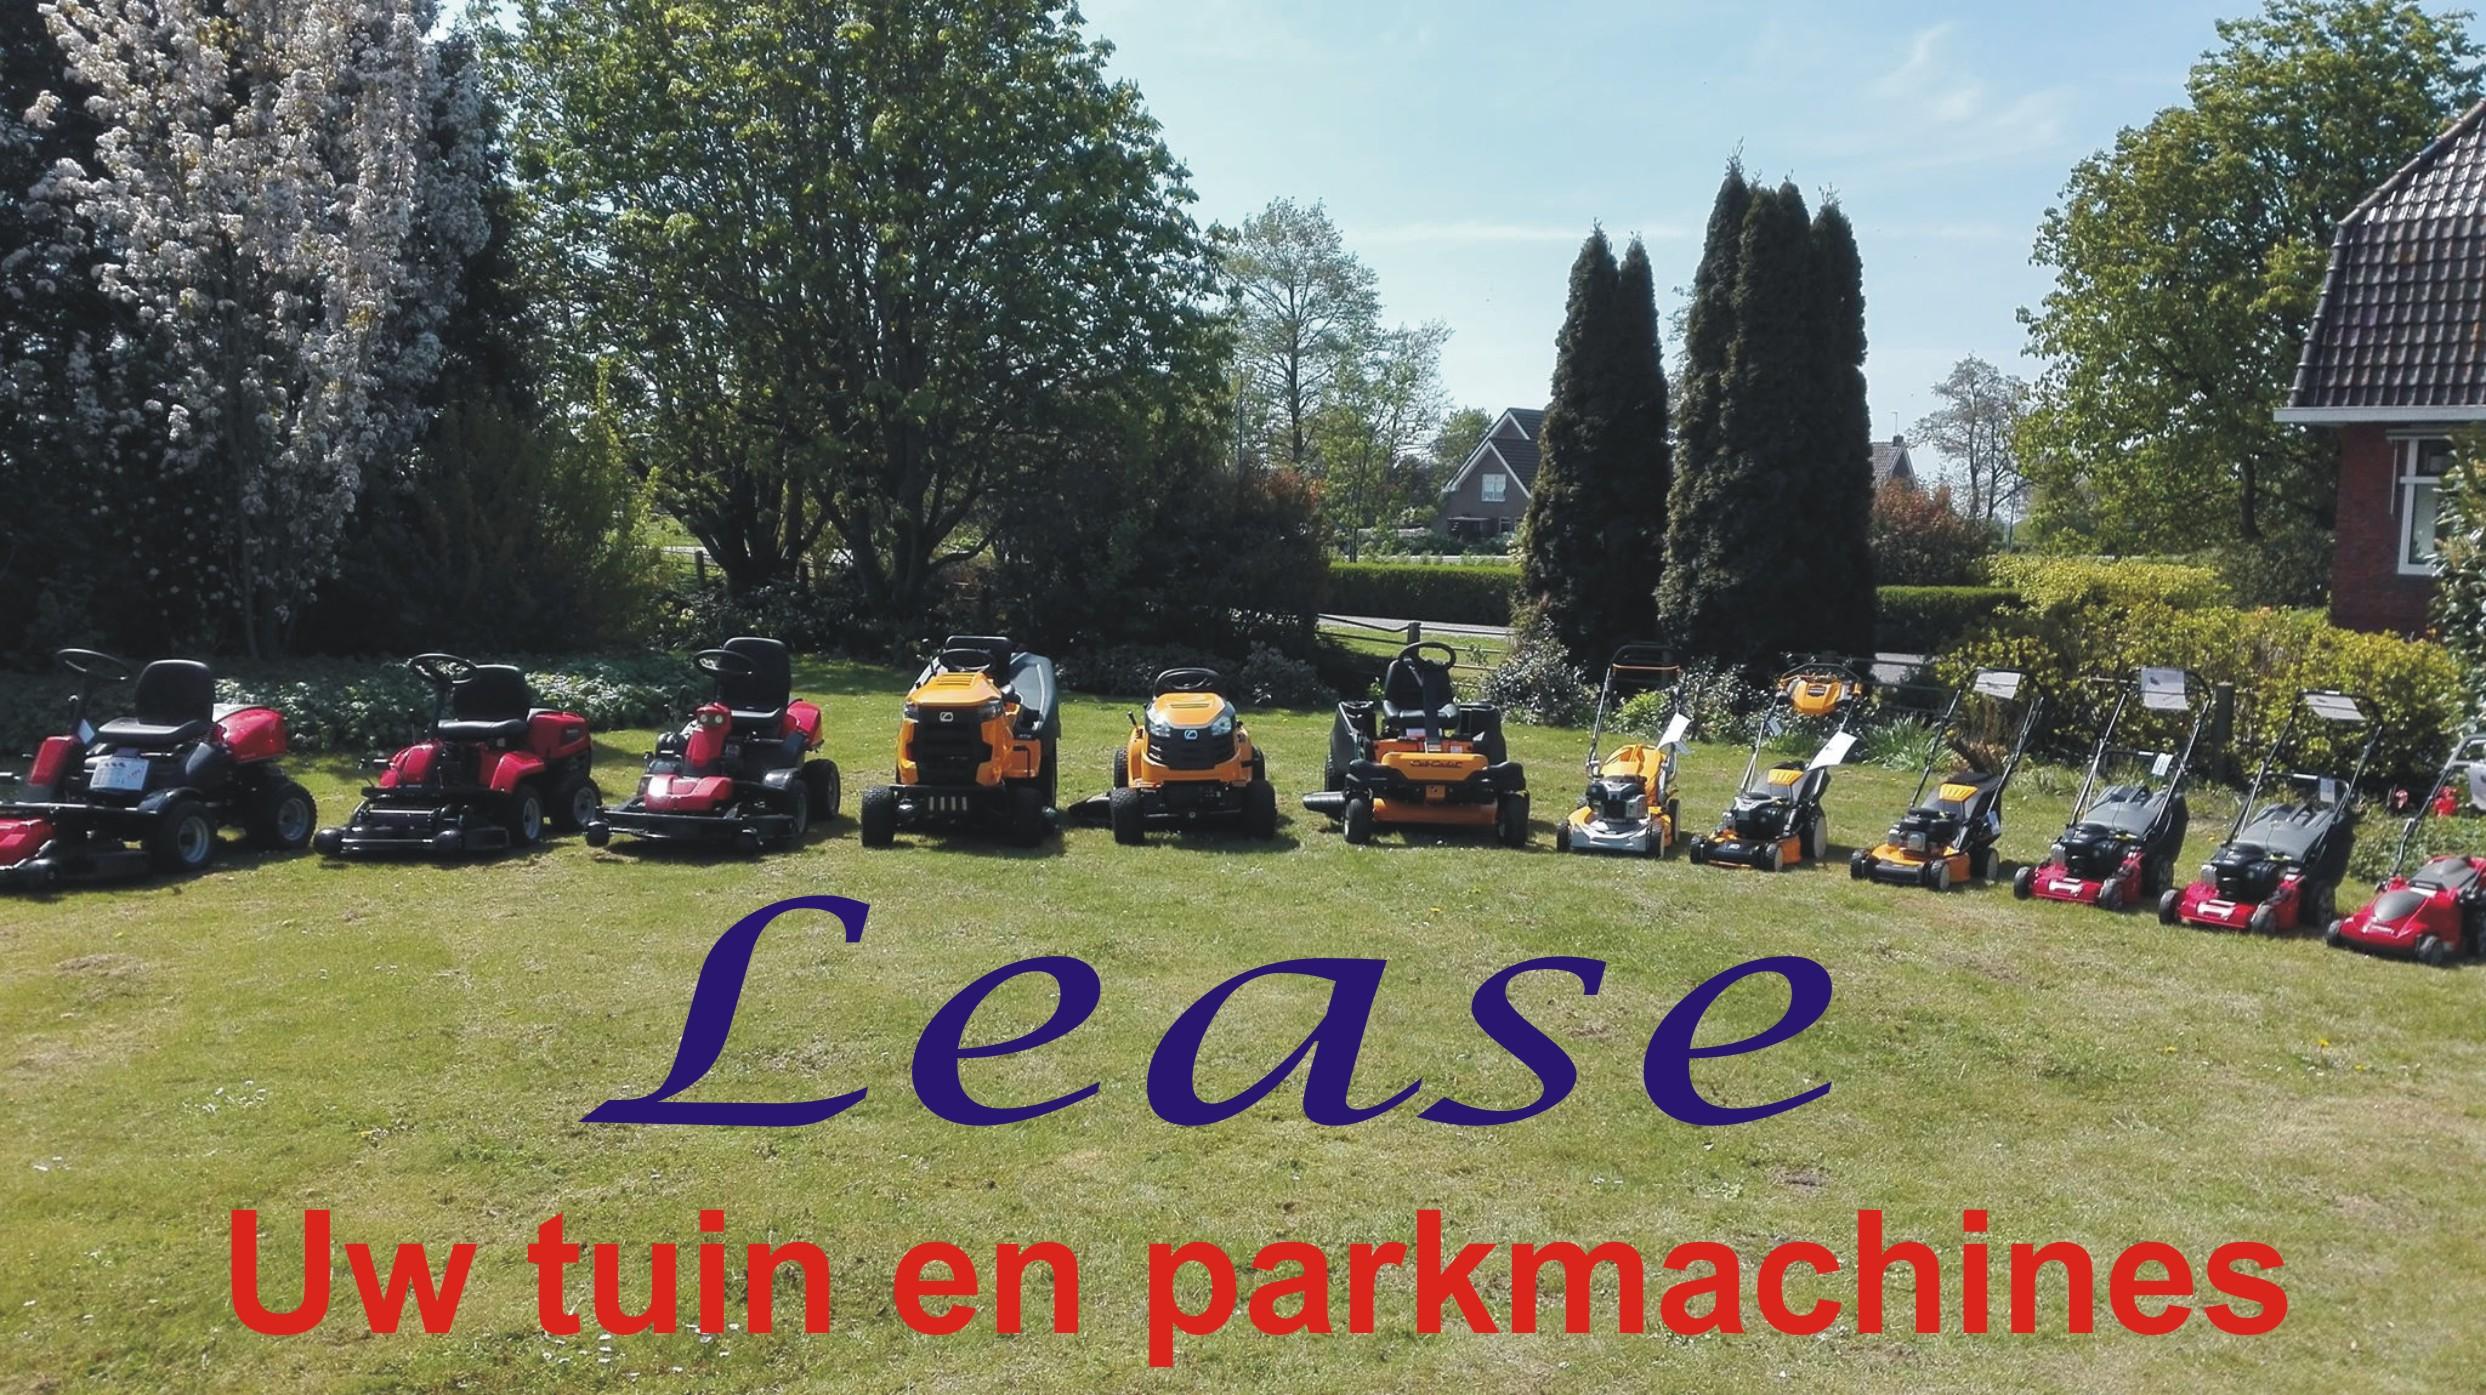 leasen van tuinmachines en parkmachines  is ook mogelijk